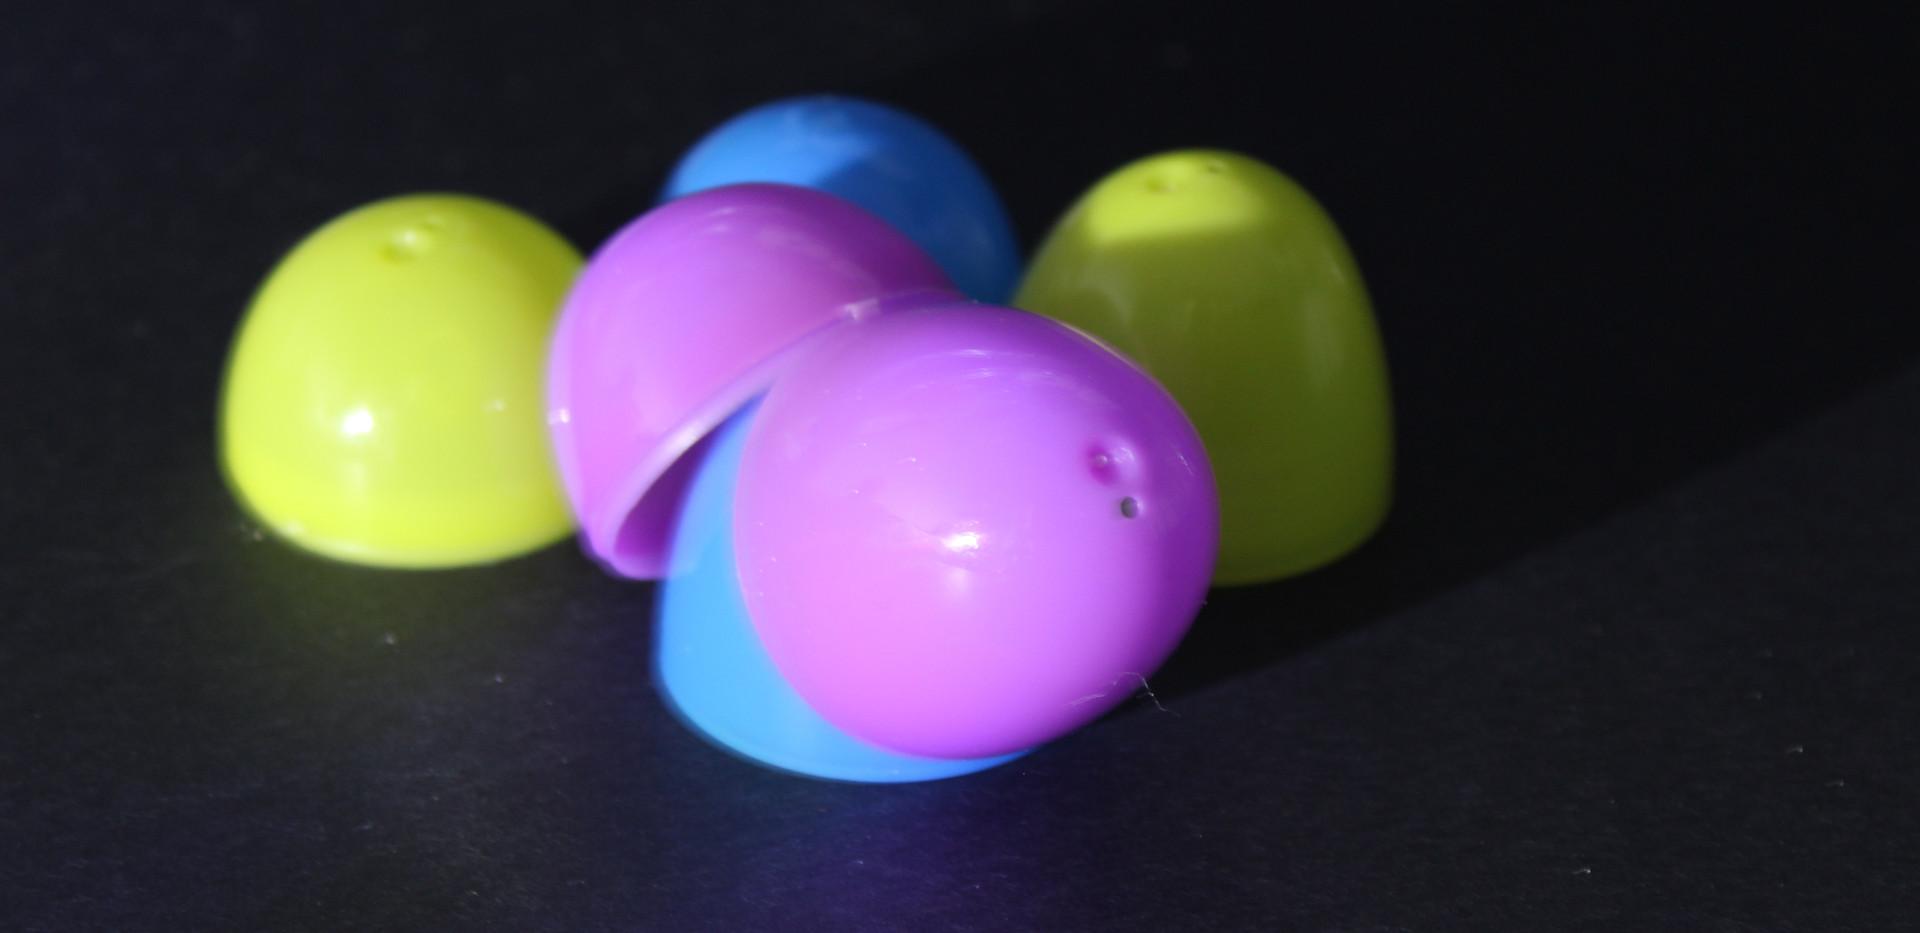 eggs on black Margaret_9390.JPG